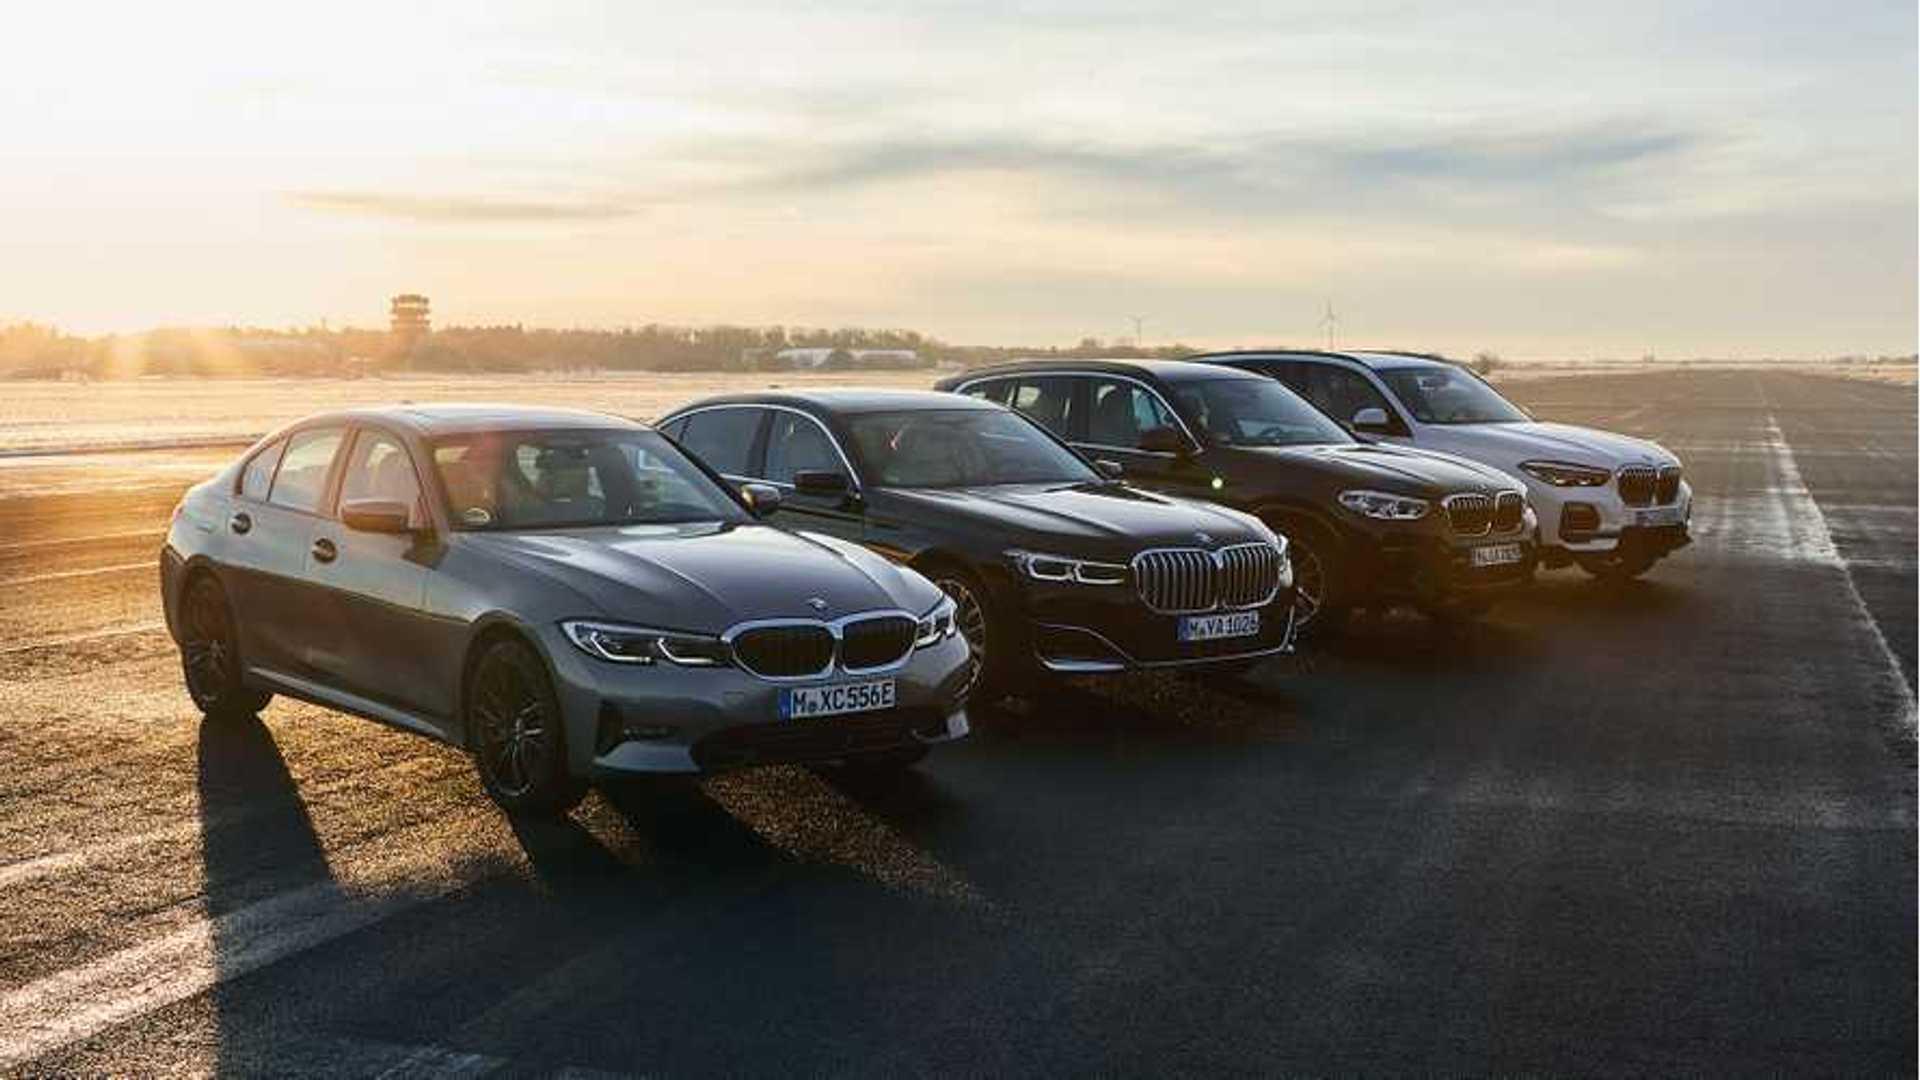 2021 BMW X5 Will Introduce Electric Version >> 2021 Bmw X5 Will Introduce Electric Version Upcoming New Car